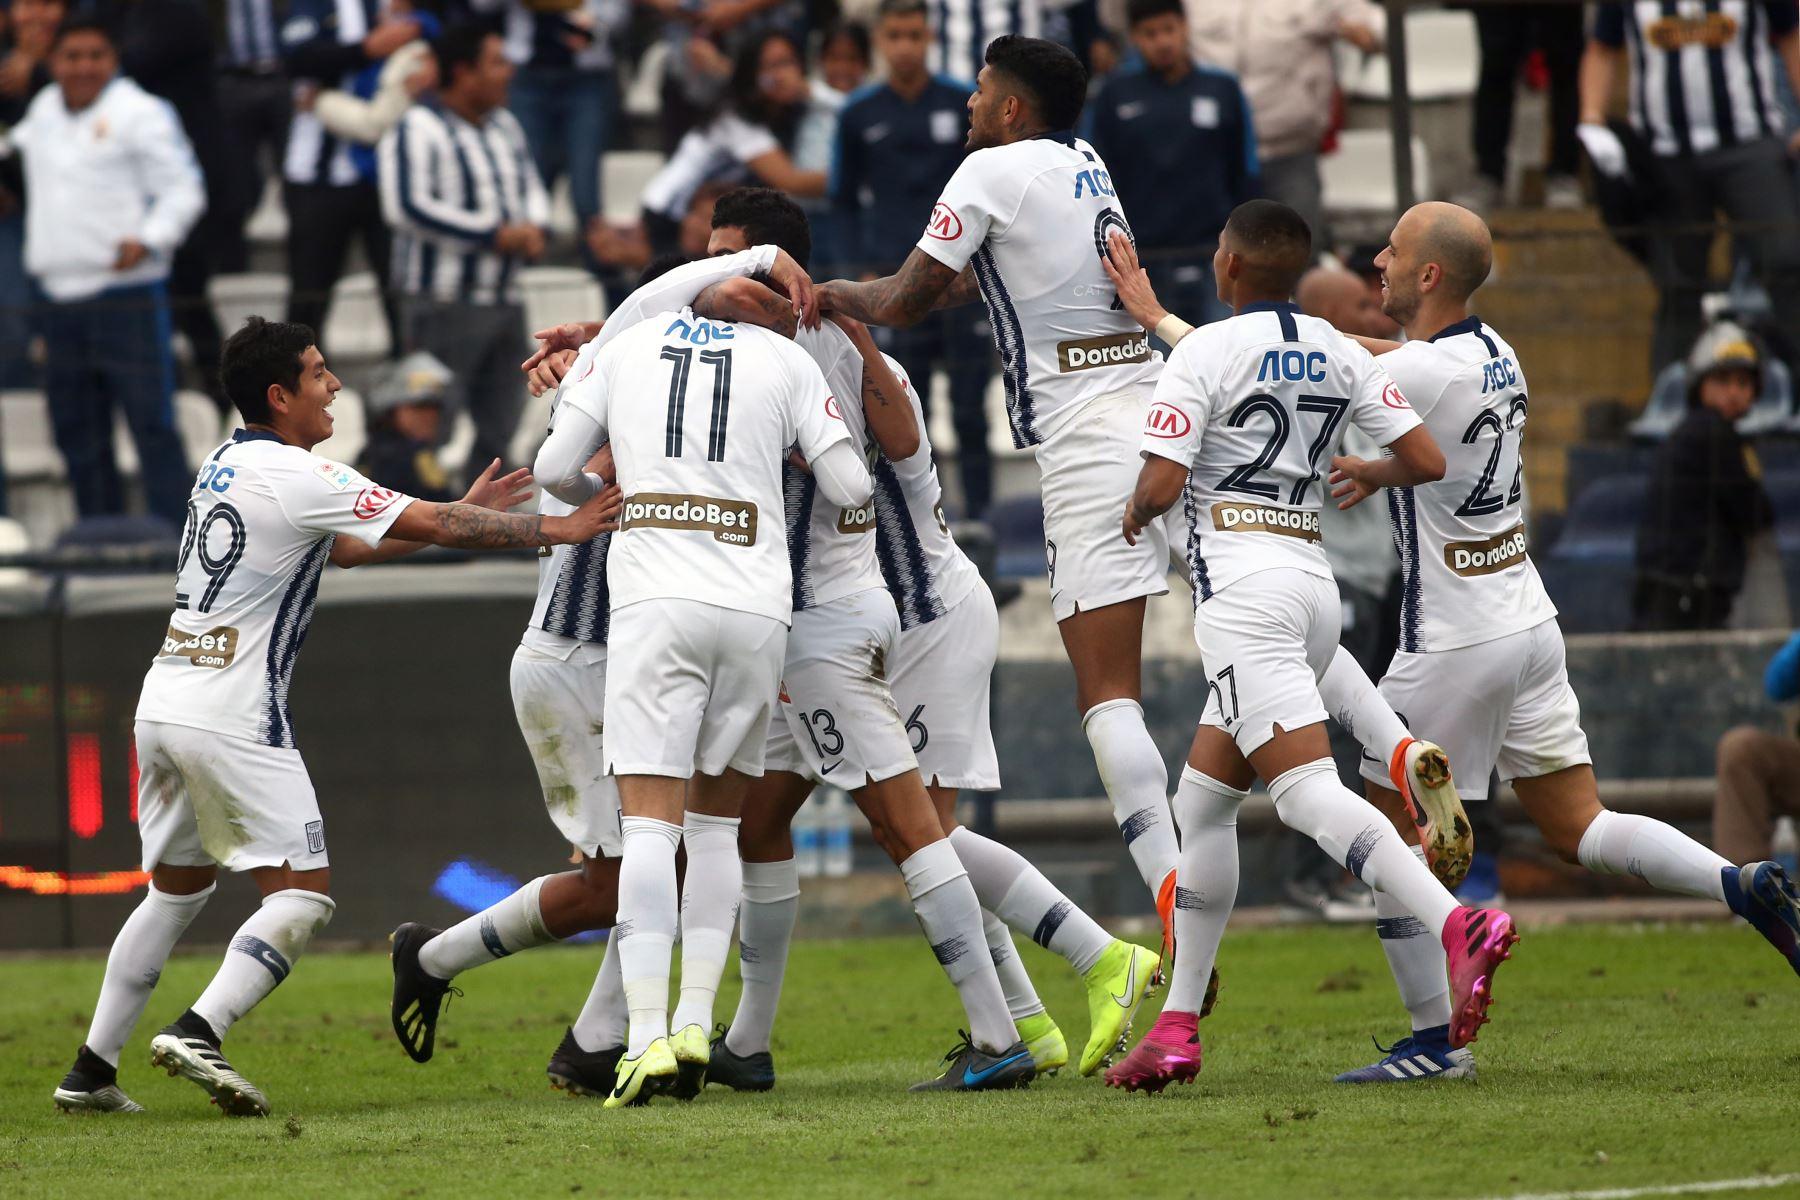 Equipo de Alianza Lima se enfrenta al Real Garcilaso por el Torneo Clausura de Liga 1. Foto: ANDINA/Vidal Tarqui